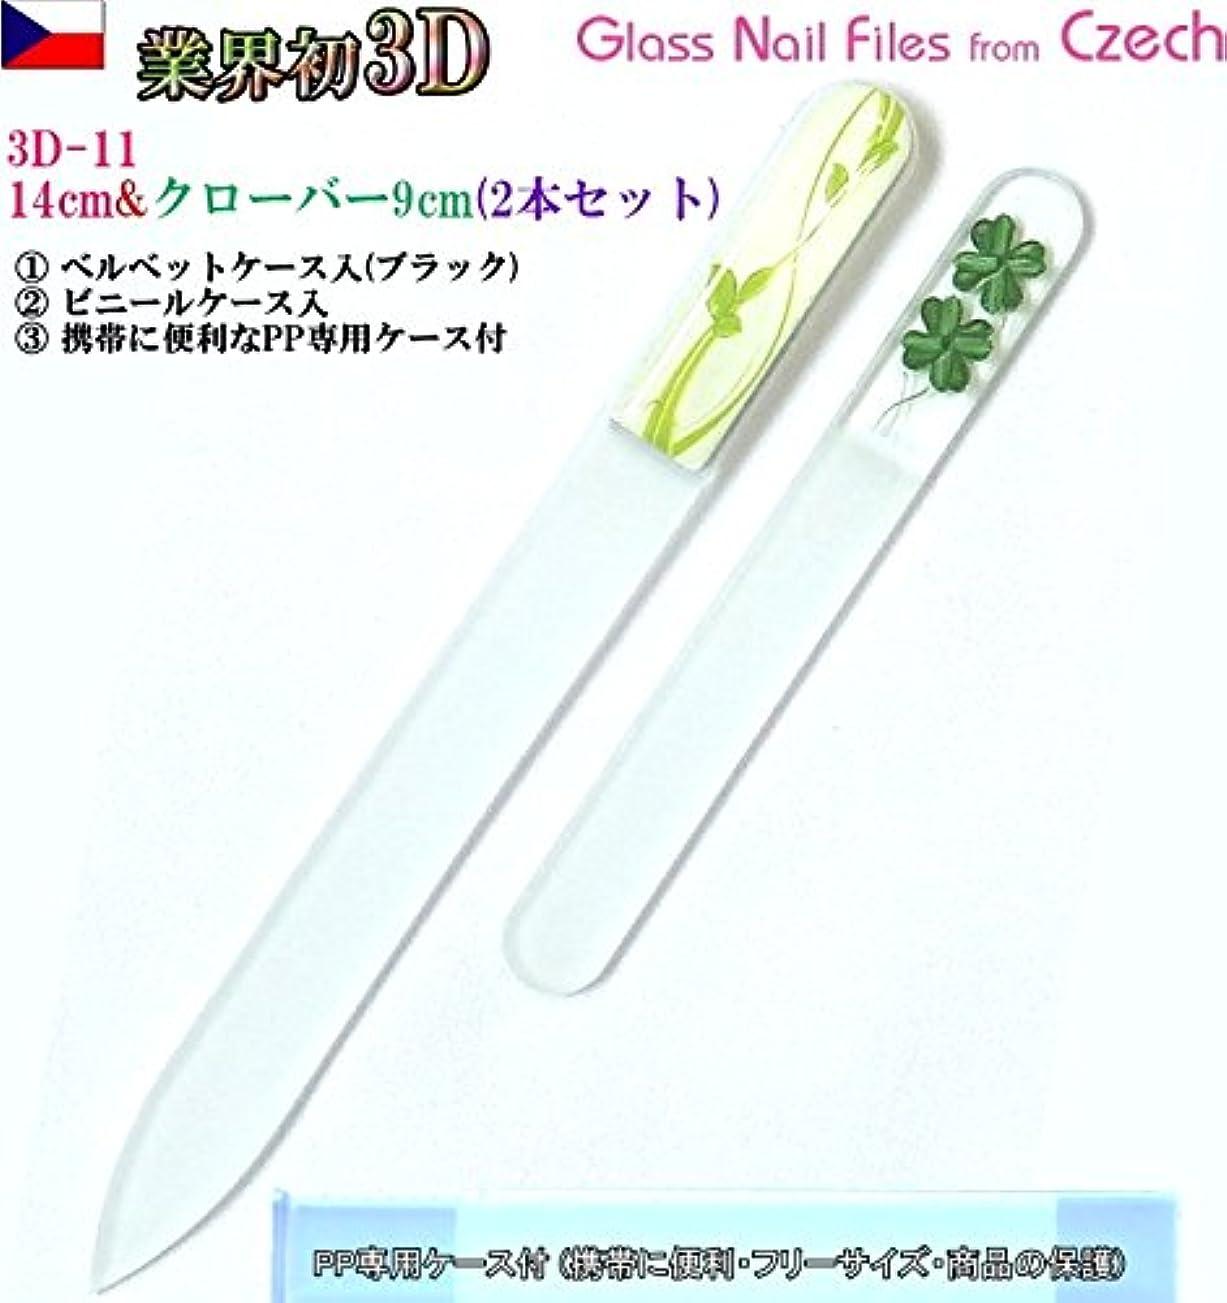 光沢のある内訳ペデスタルBISON 3D チェコ製ガラス爪ヤスリ 2Pセット M11&Sクローバー各両面仕上げ ?専用ケース付